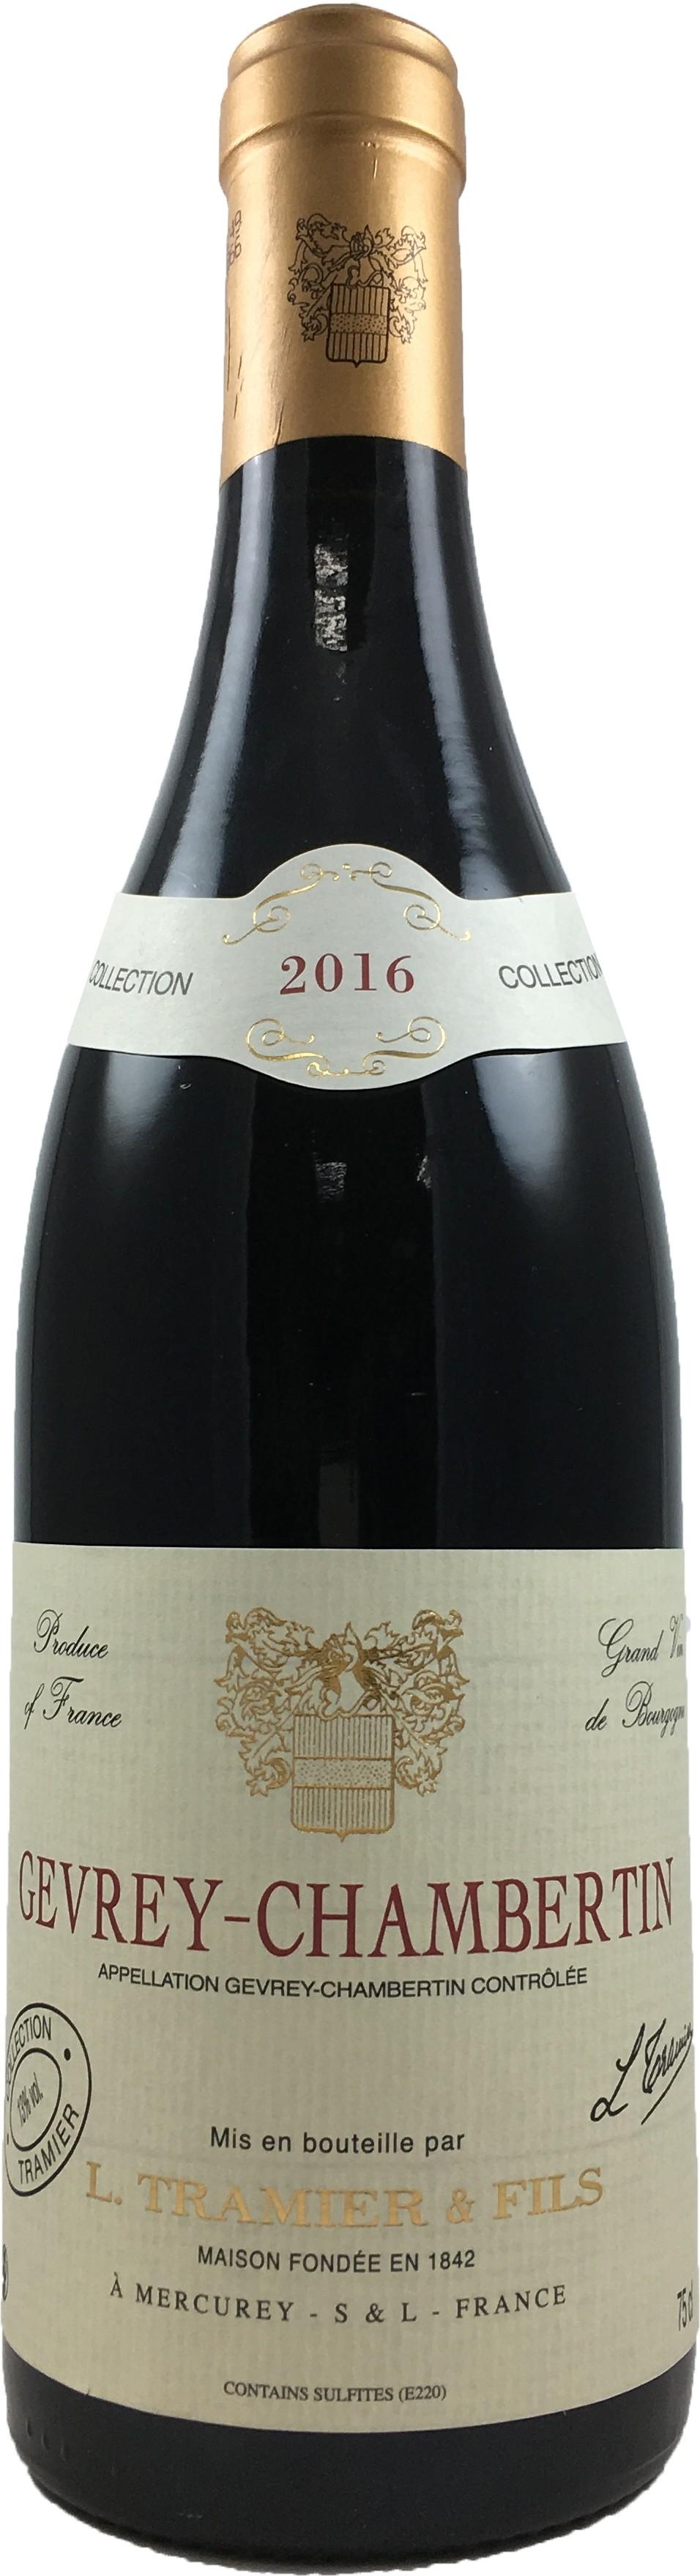 法國 鉈尼酒莊 勃艮地香波慕斯尼 2012 紅葡萄酒